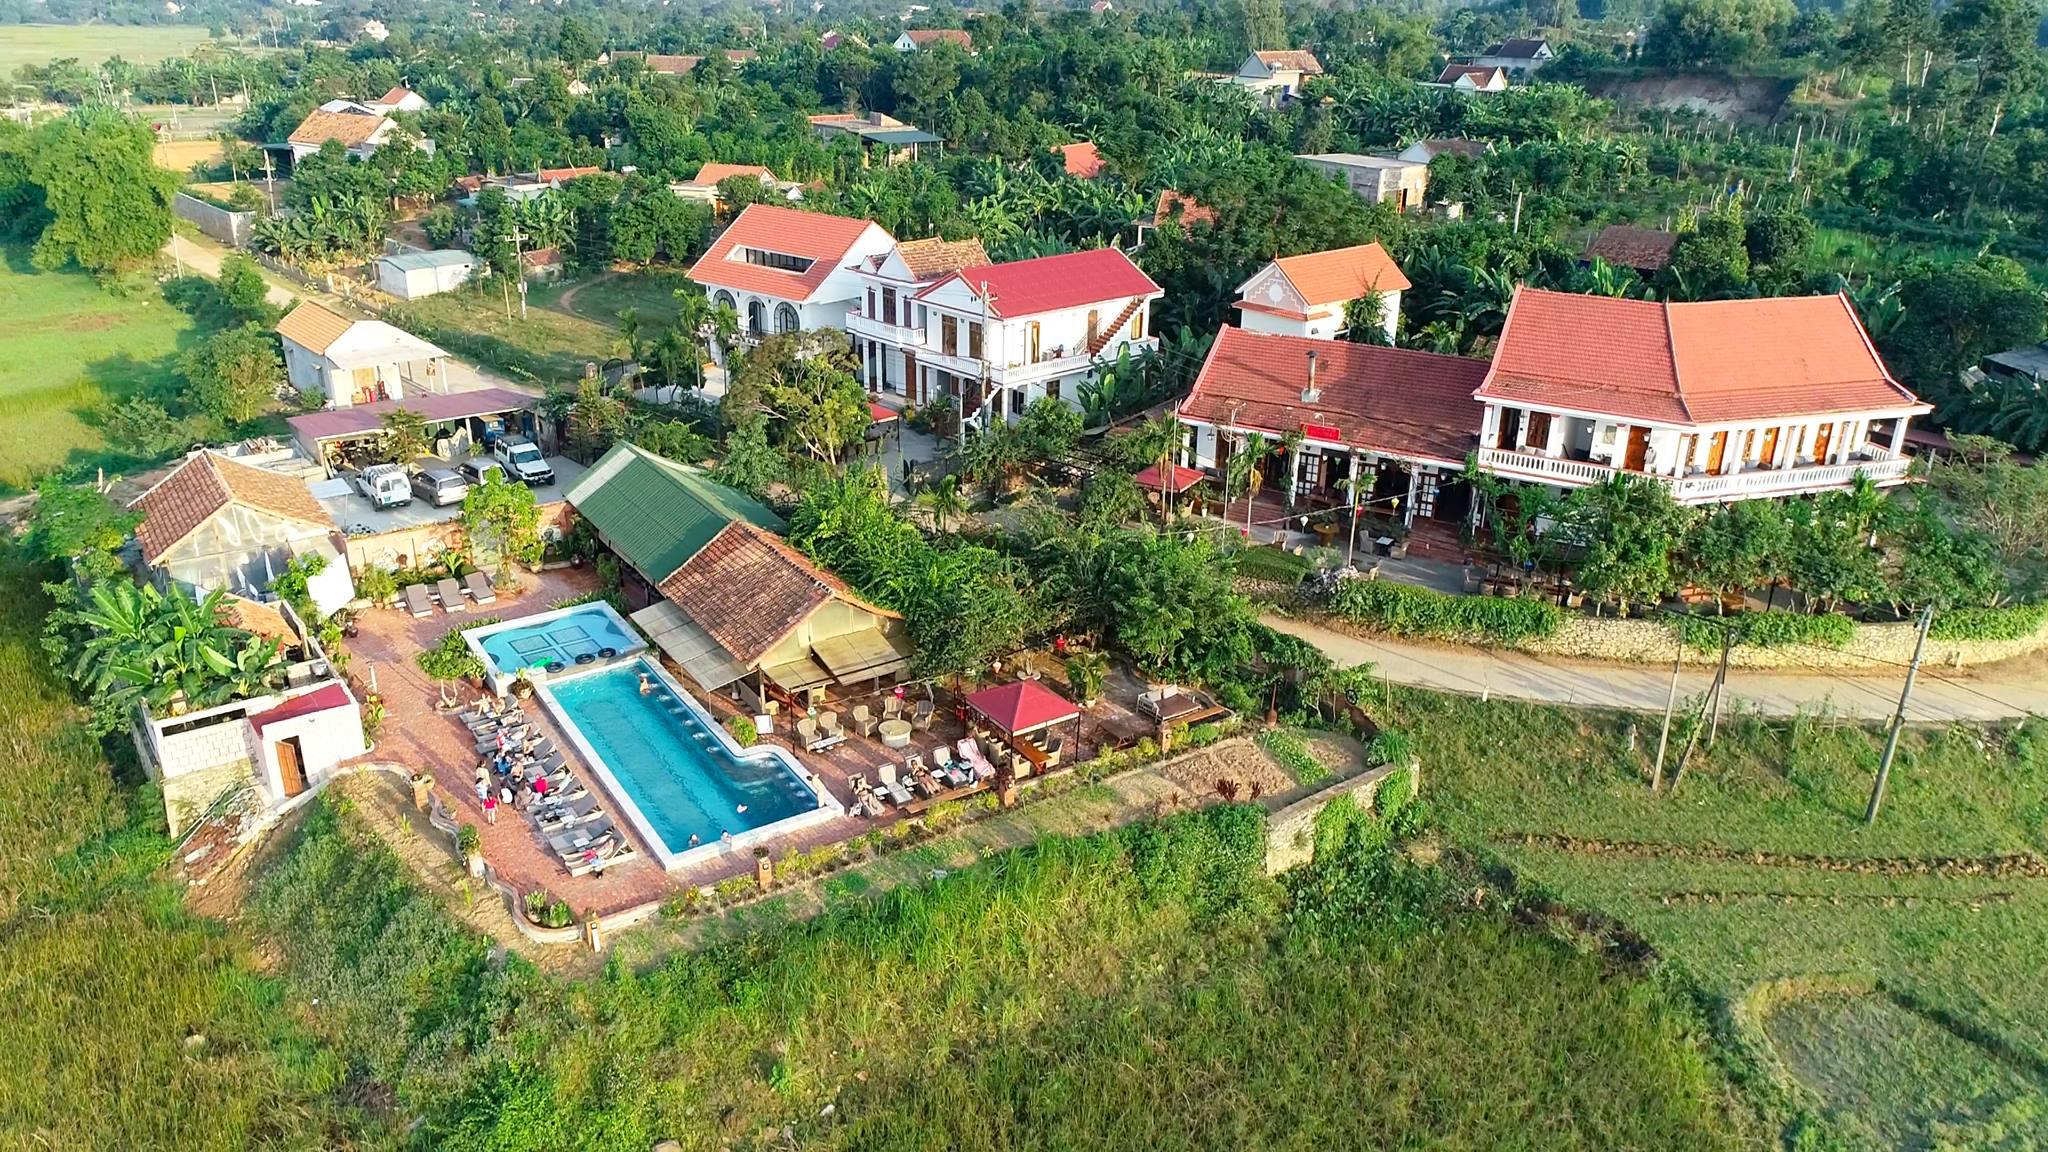 Trào lưu đầu tư Farmstay đang nở rộ ở Việt Nam. Ảnh: Phong Nha Farmstay